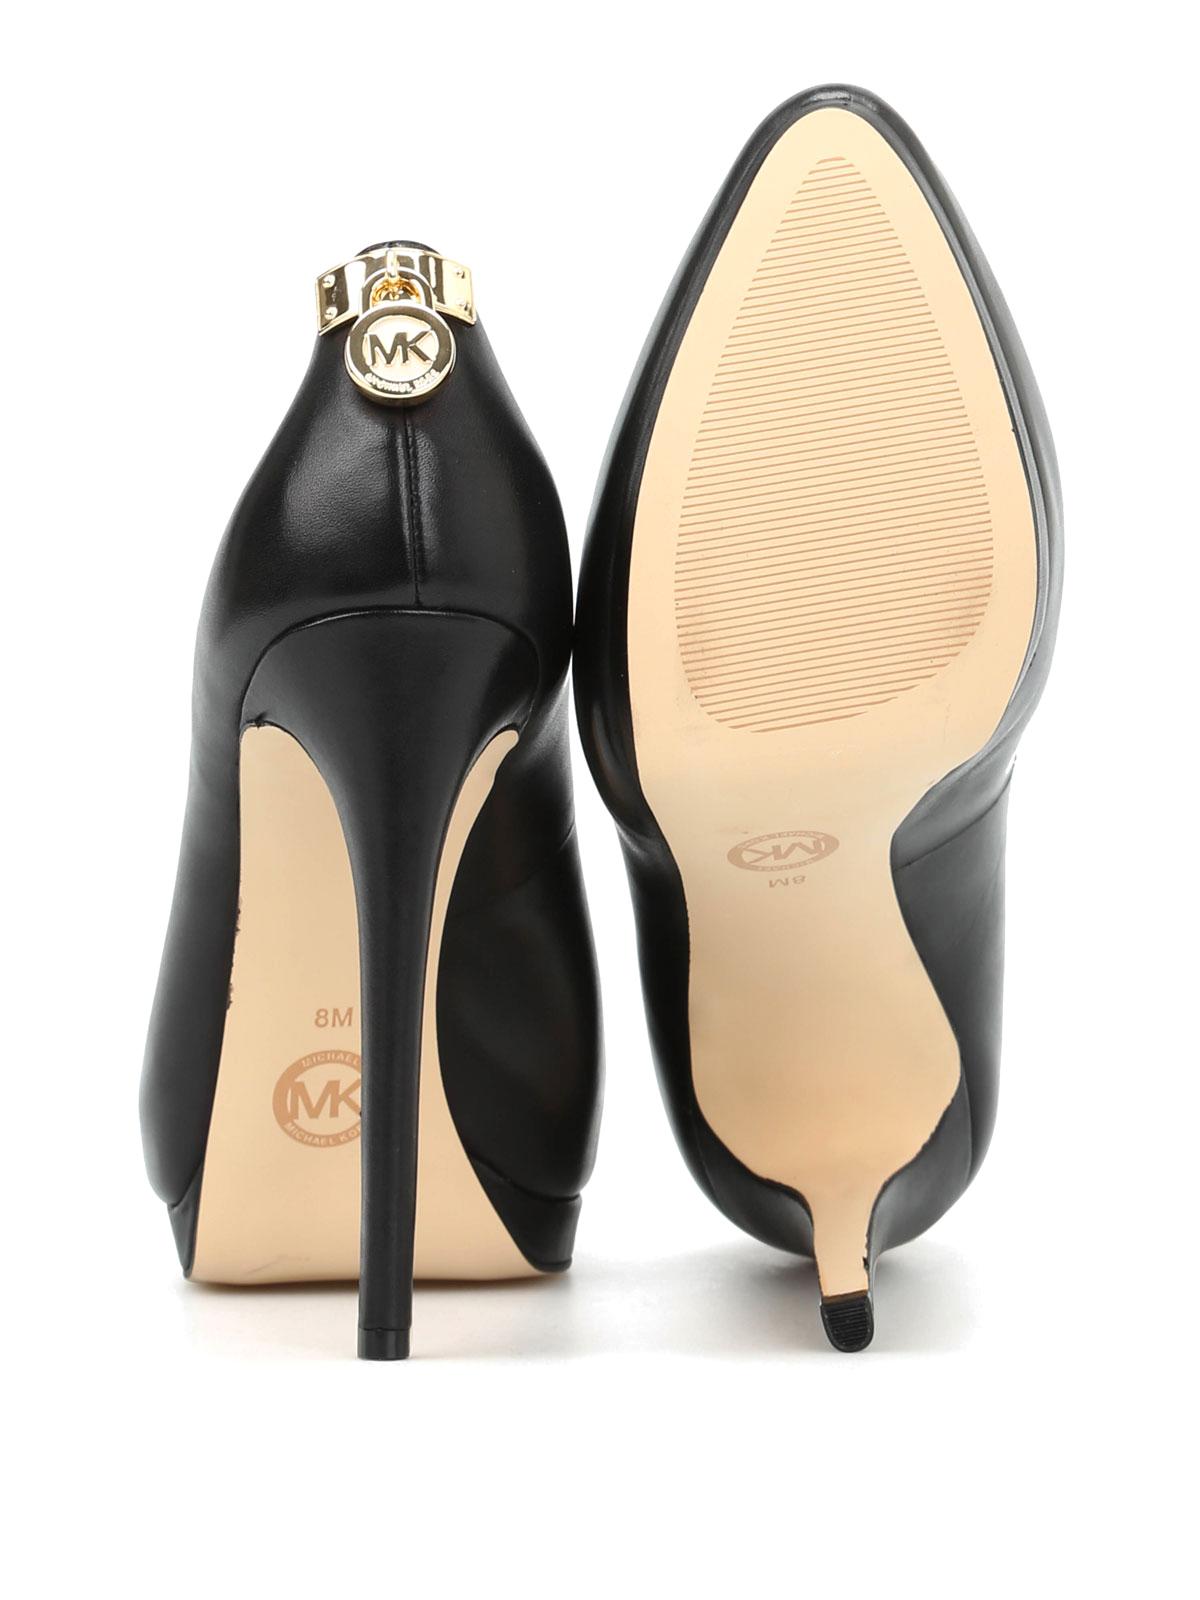 c6712b45998a MICHAEL KORS buy online Hamilton leather pumps. MICHAEL KORS  court shoes  ...